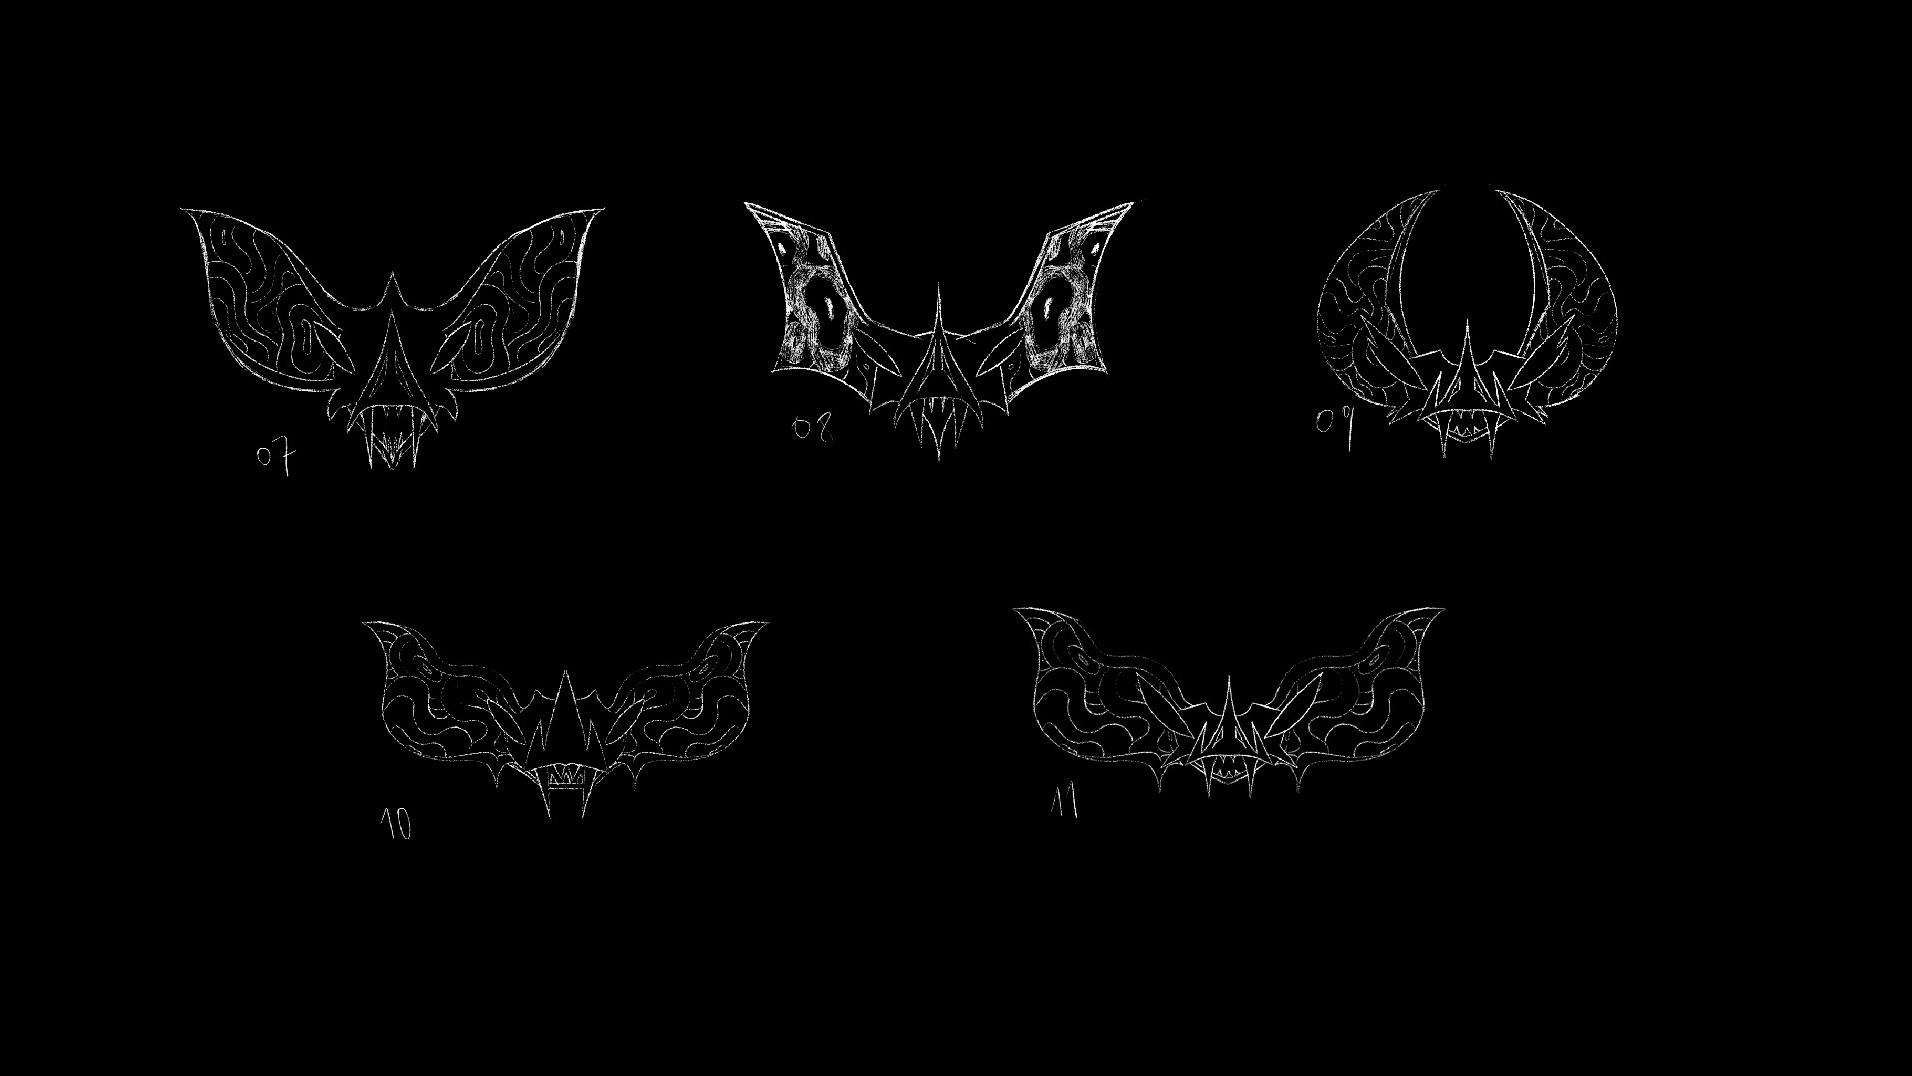 bat design 1